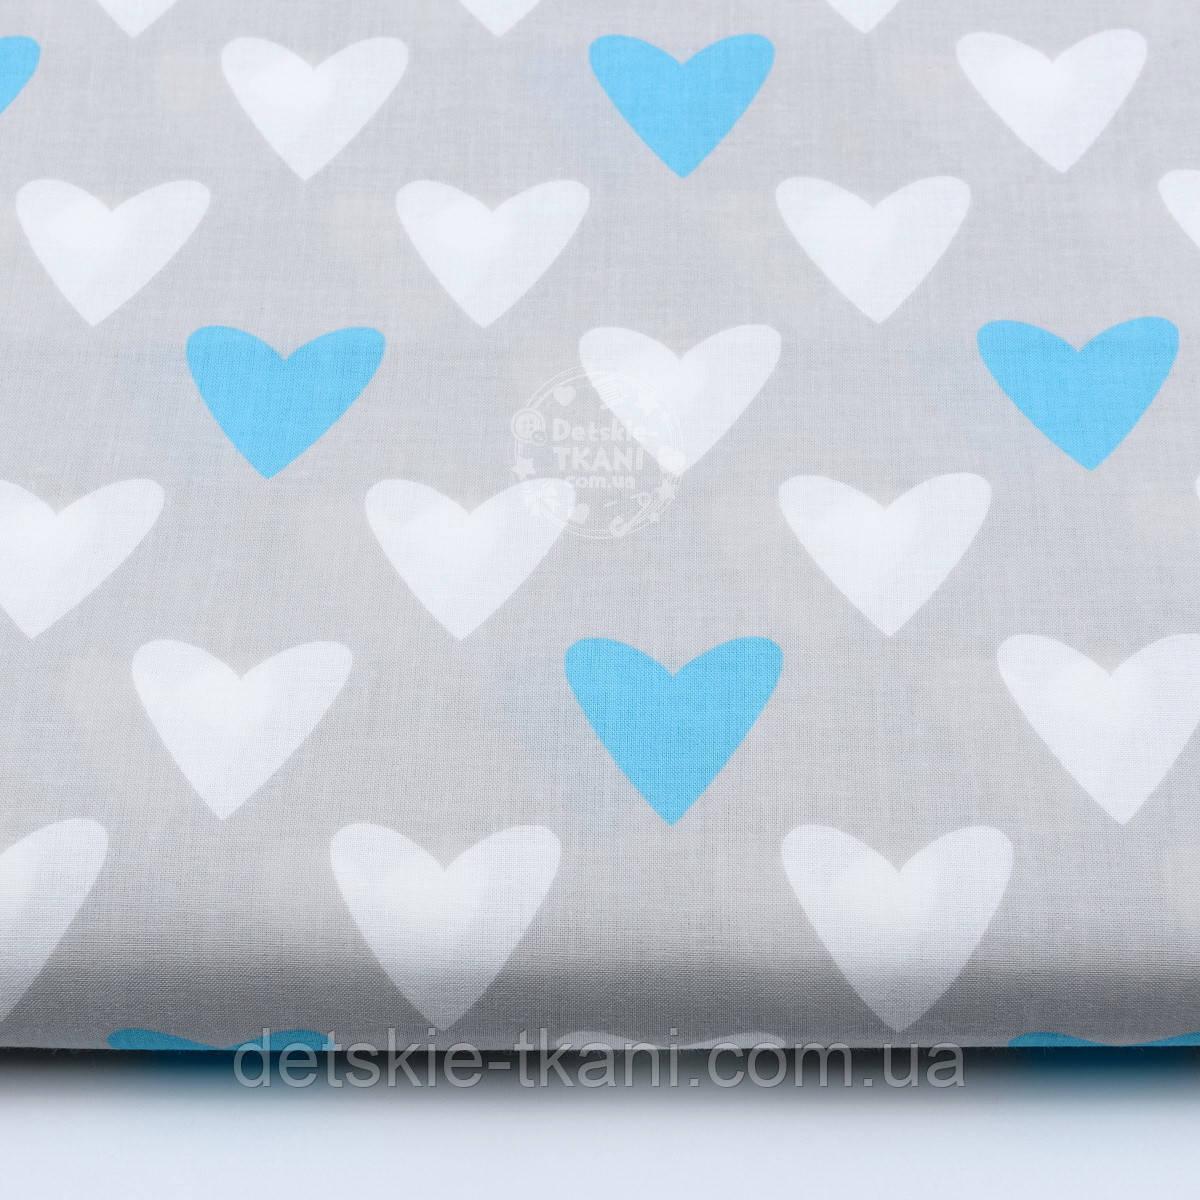 Ткань хлопковая с голубыми и белыми сердцами на сером фоне № 467а